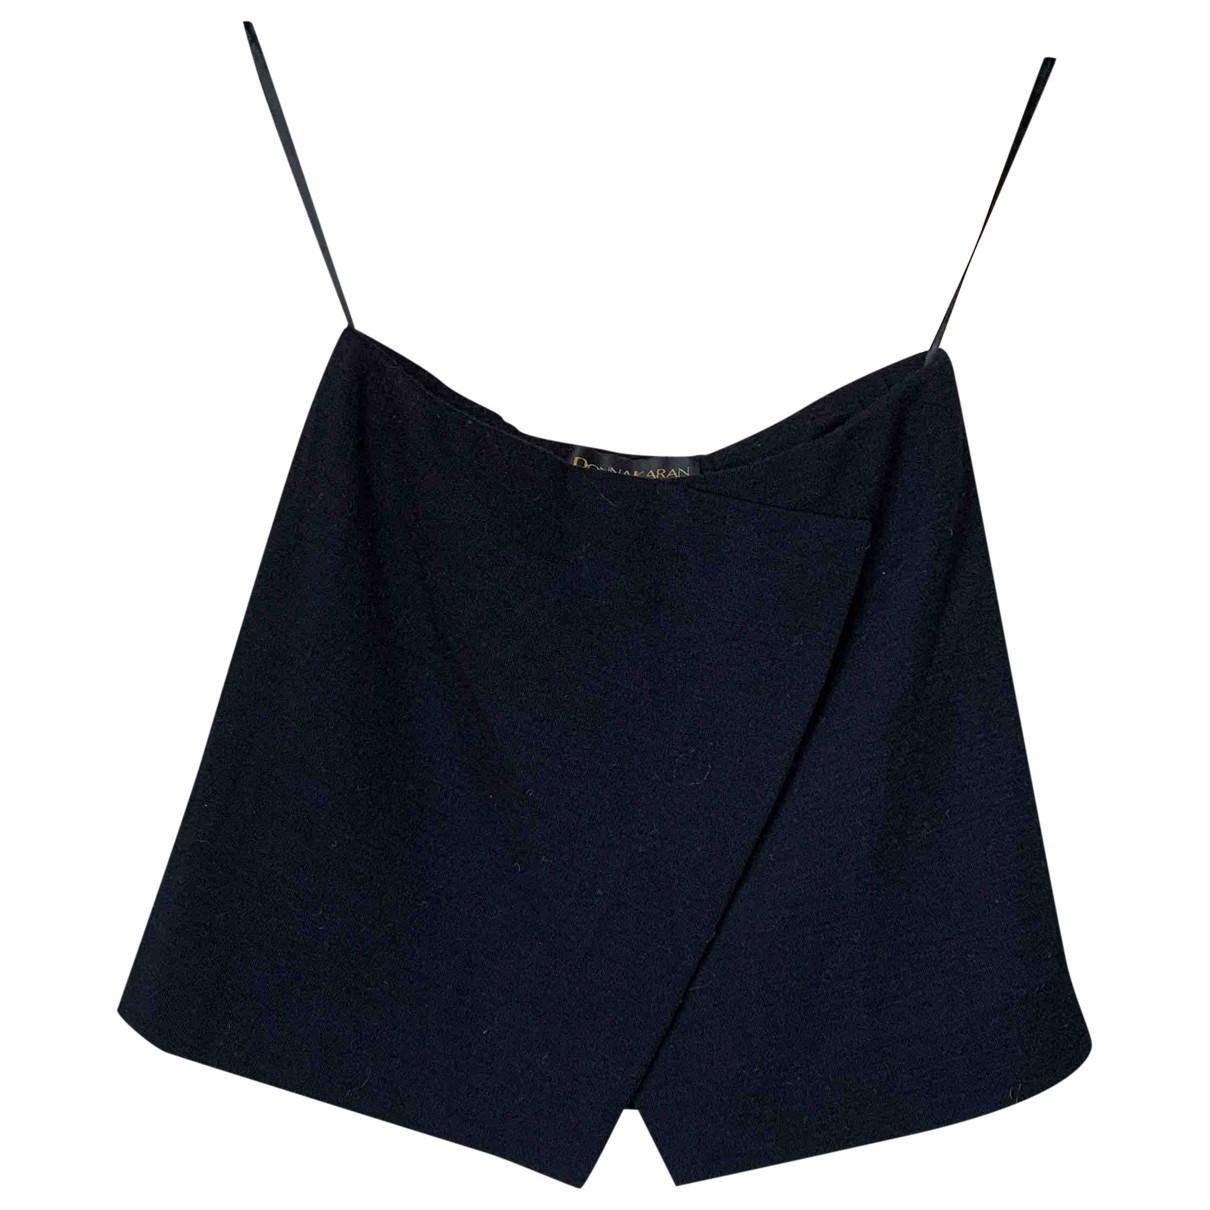 Donna Karan \N Top in  Blau Wolle